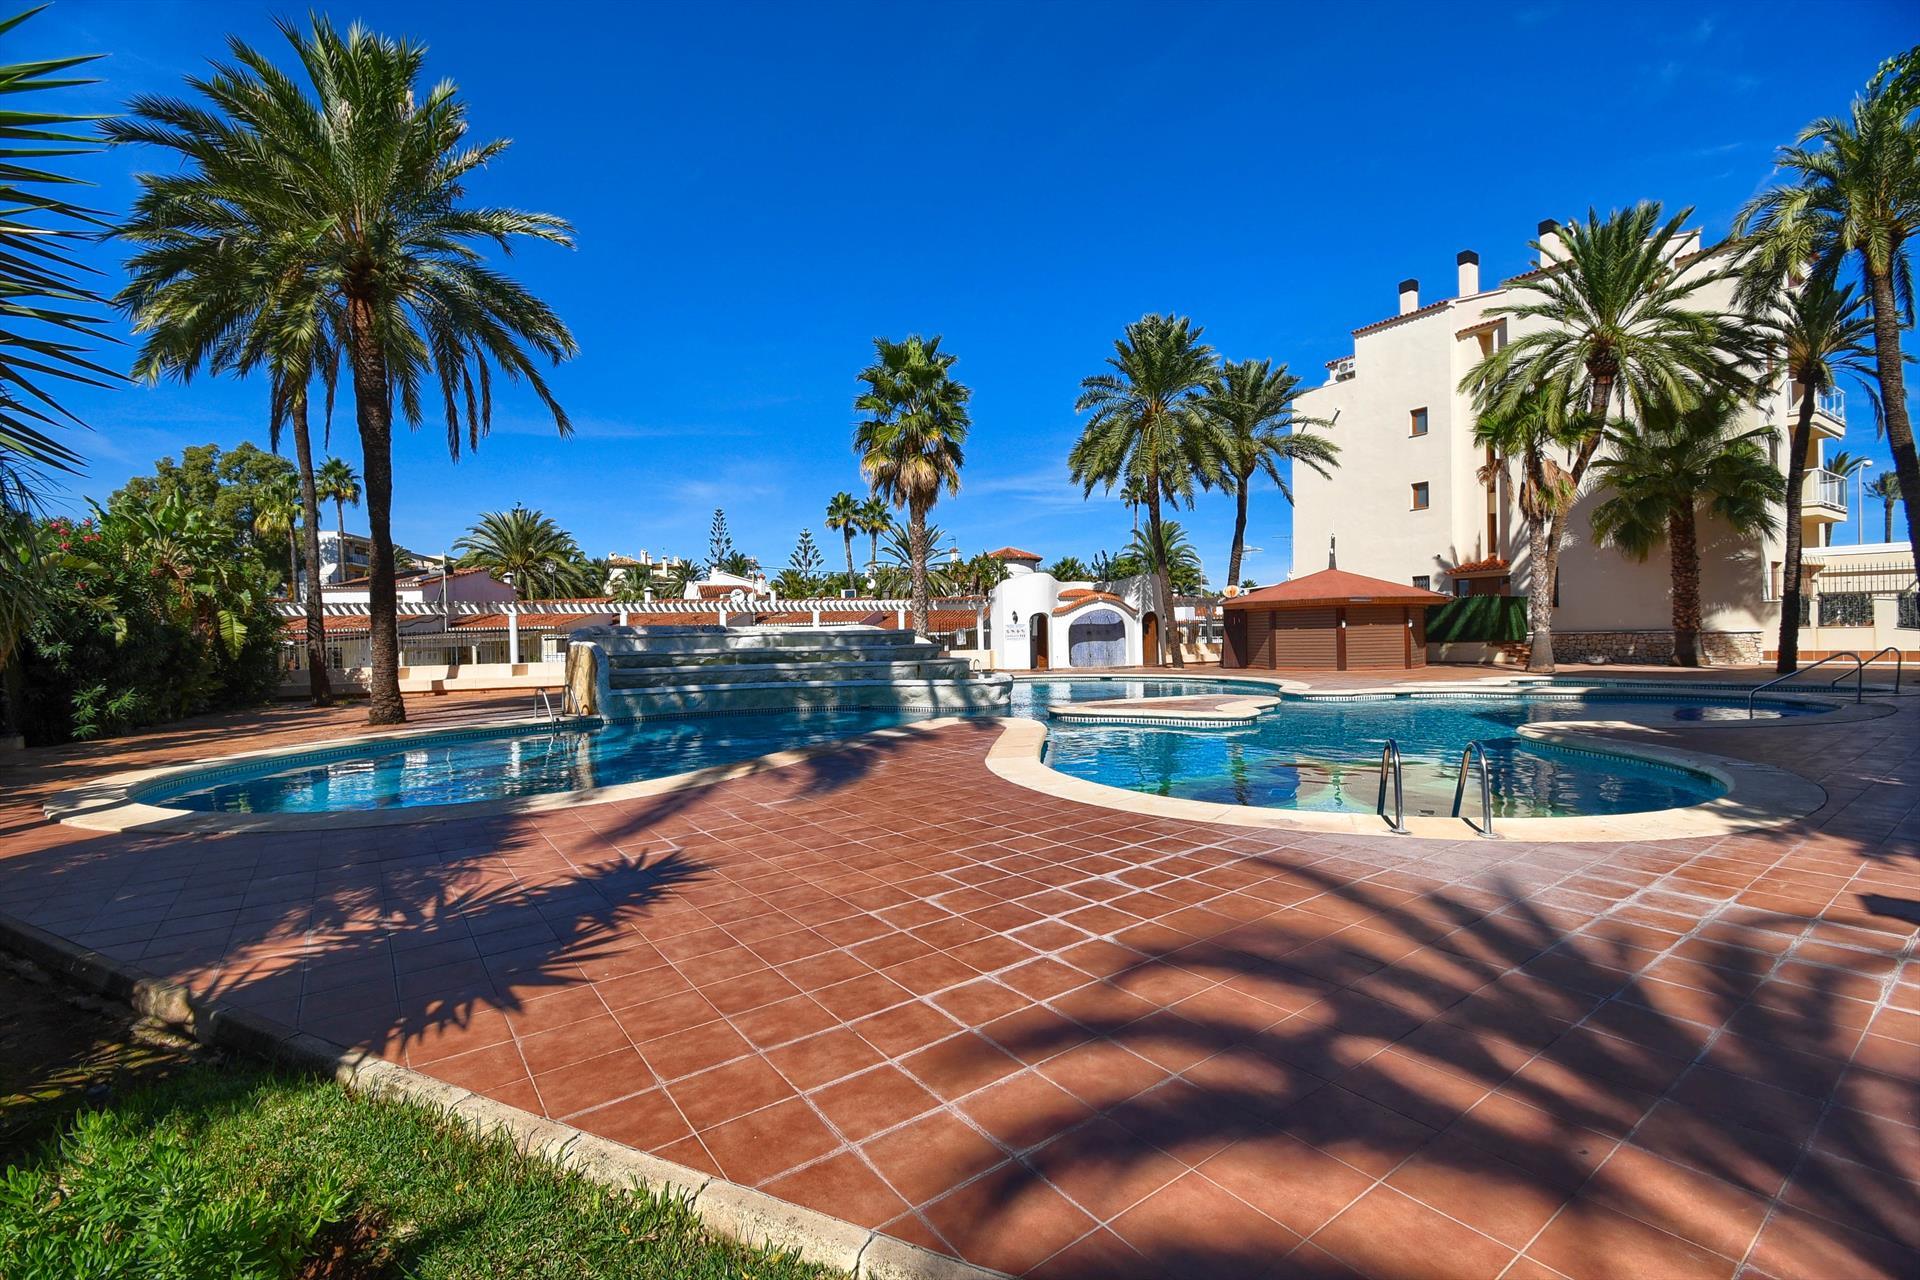 El retiro casa,Woning  met gemeenschappelijk zwembad in Denia, aan de Costa Blanca, Spanje voor 4 personen...